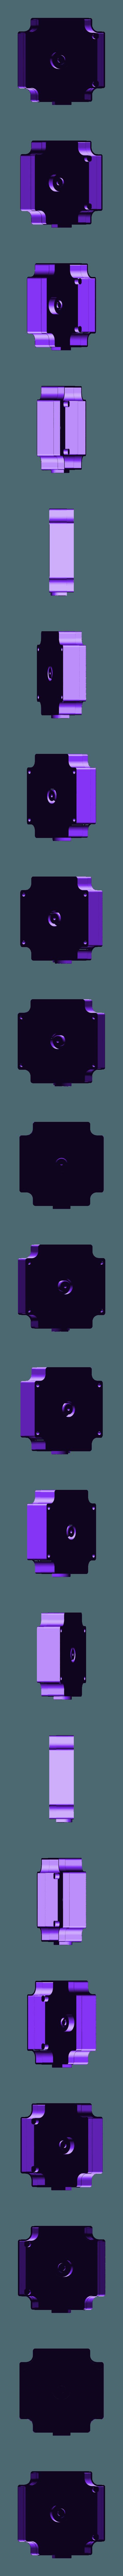 bottom.stl Télécharger fichier STL gratuit Nema 23 Lampe à moteur pas à pas • Objet à imprimer en 3D, Job